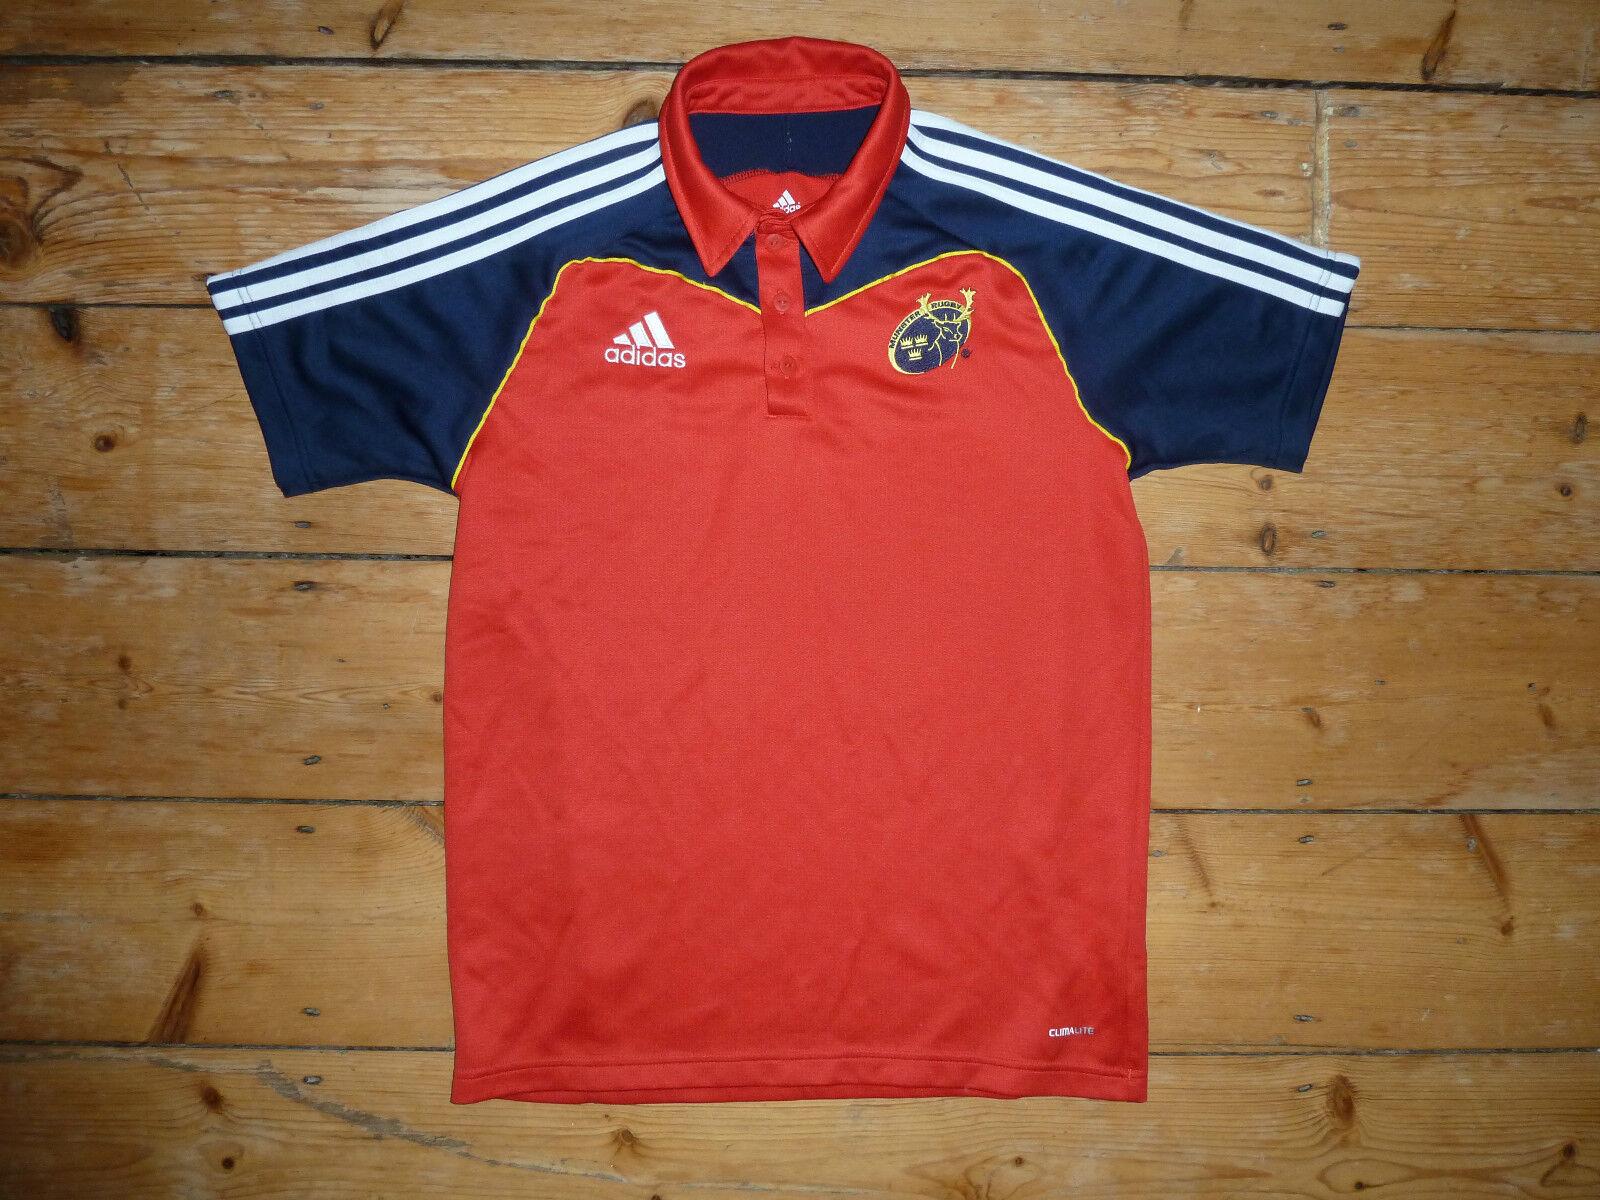 Munster Rugby Rugby Rugby Hemd S Polo Irland Rugby Trikot Camiesta Irish Rugby Hemd     | Elegant Und Würdevoll  | Leicht zu reinigende Oberfläche  | Wir haben von unseren Kunden Lob erhalten.  137aa6